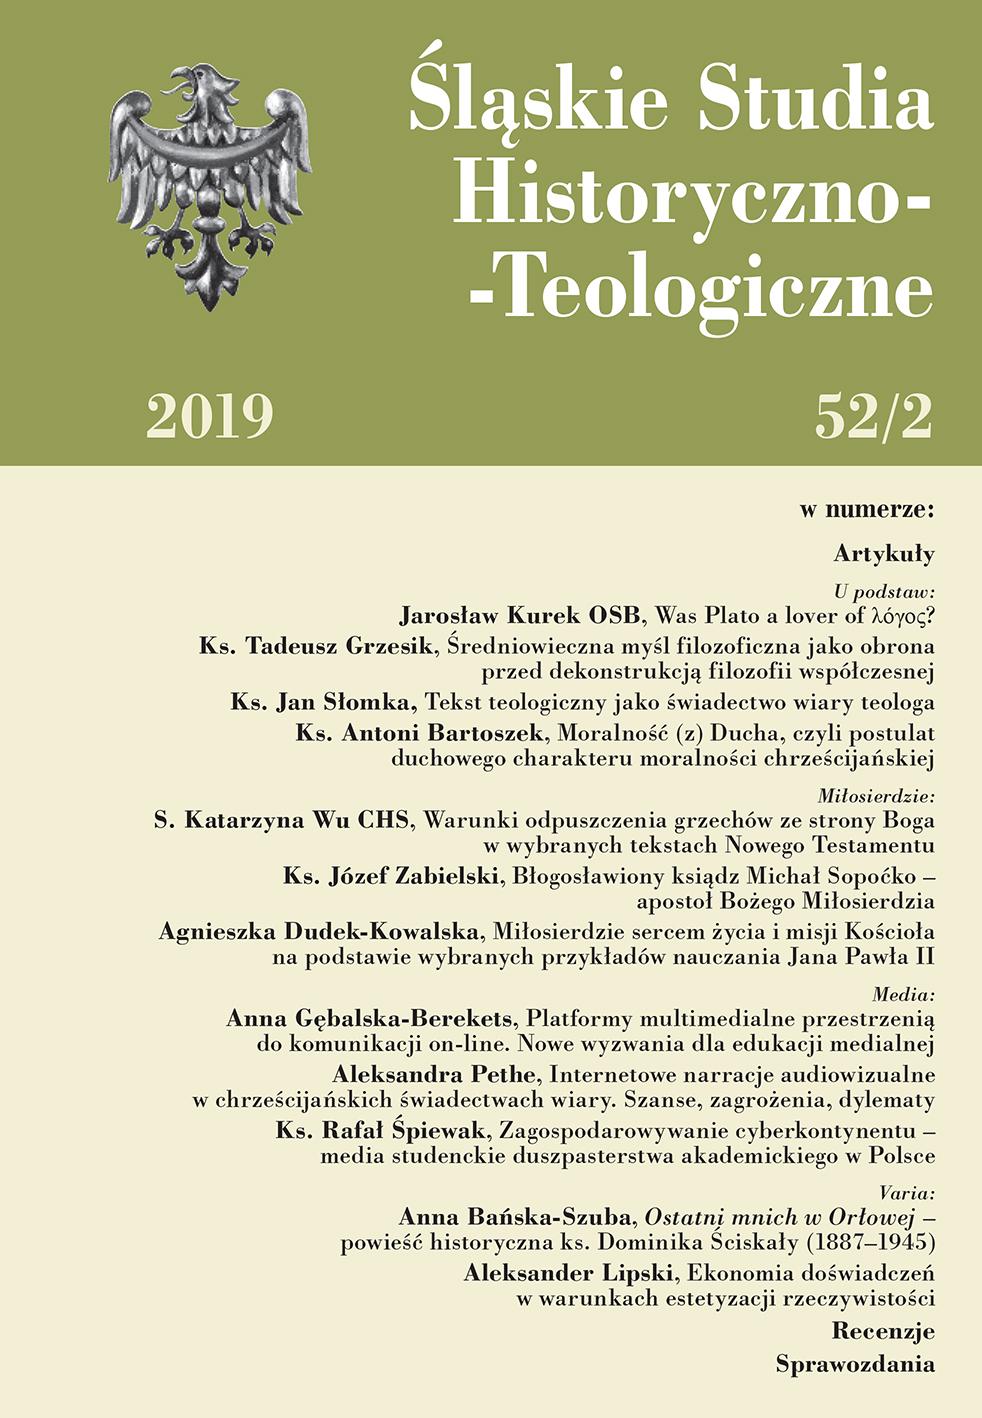 Śląskie Studia Historyczno-Teologiczne 52/2